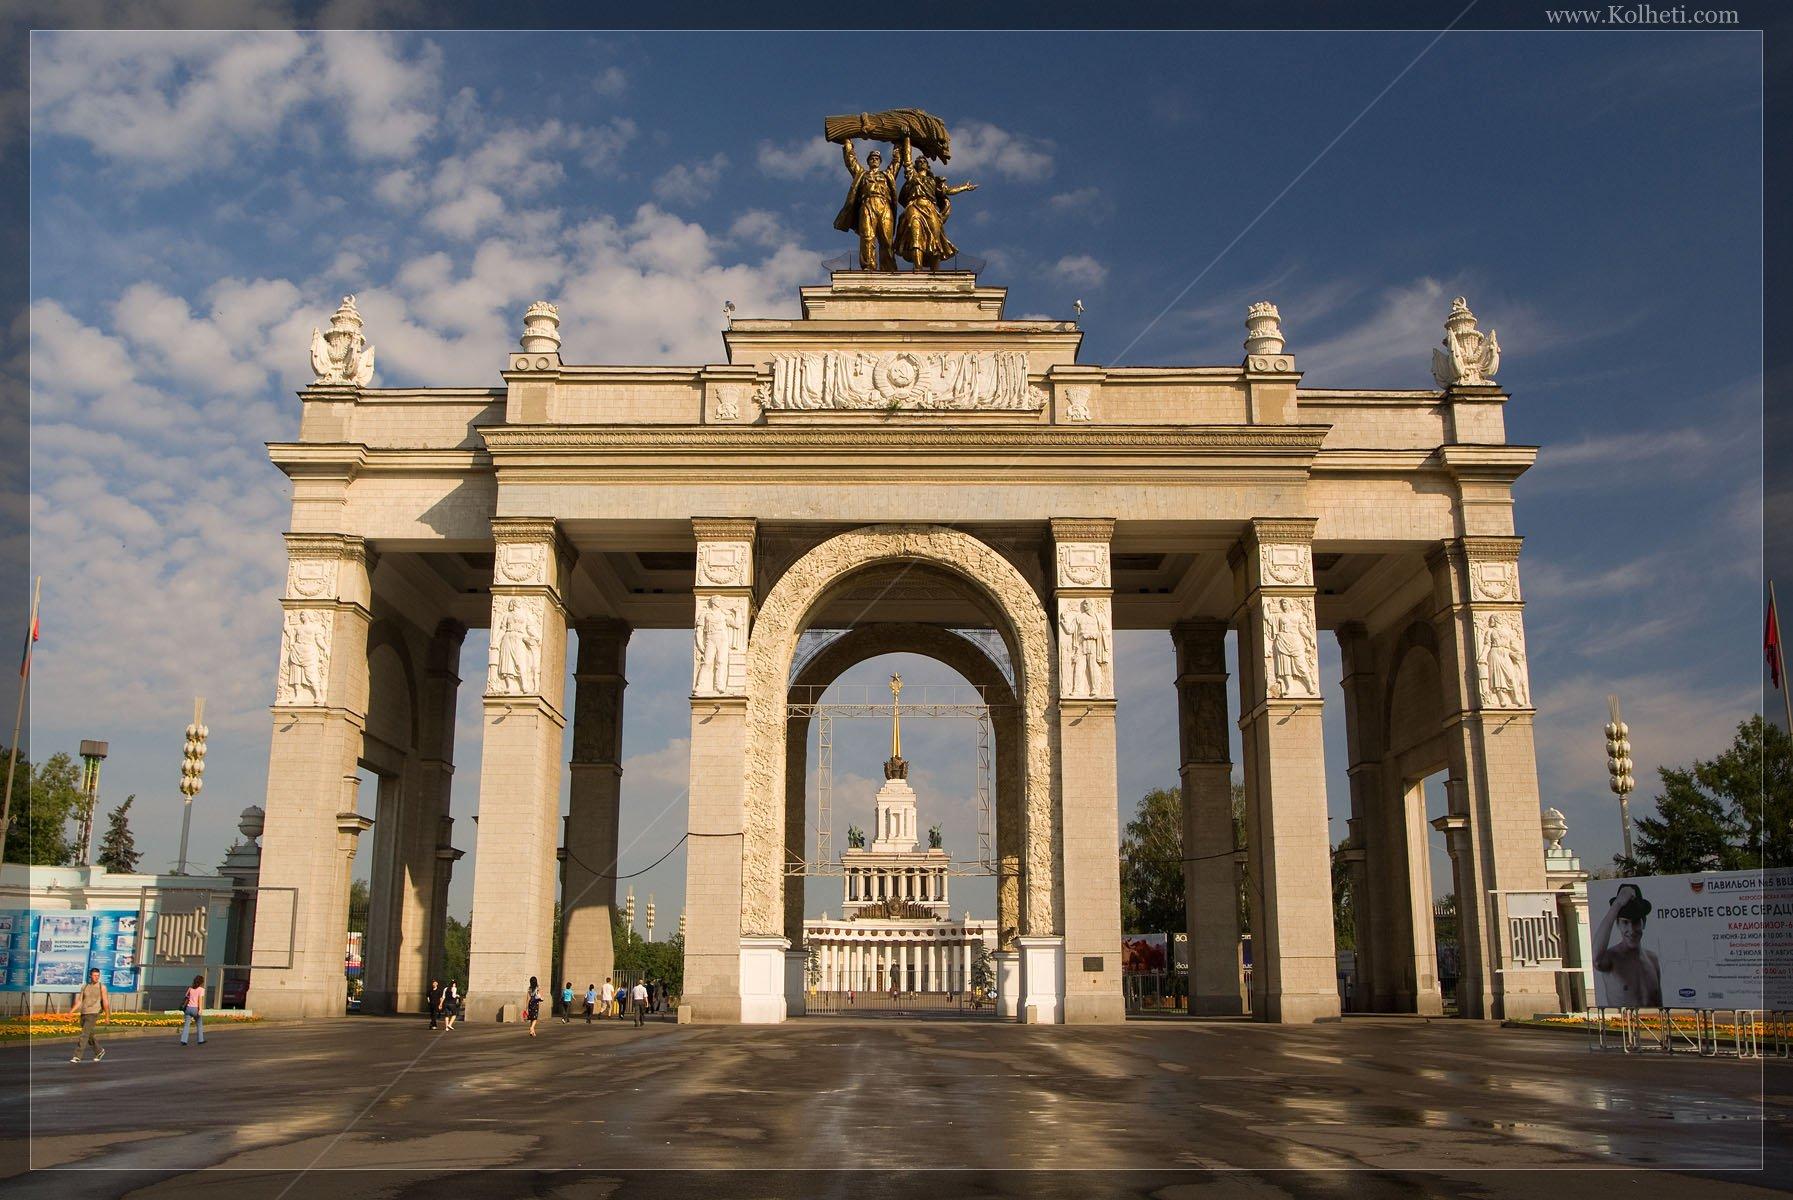 Главный вход на ВВЦ, построенный в 1954 г. архитектором Иннокентием Мельчаковым